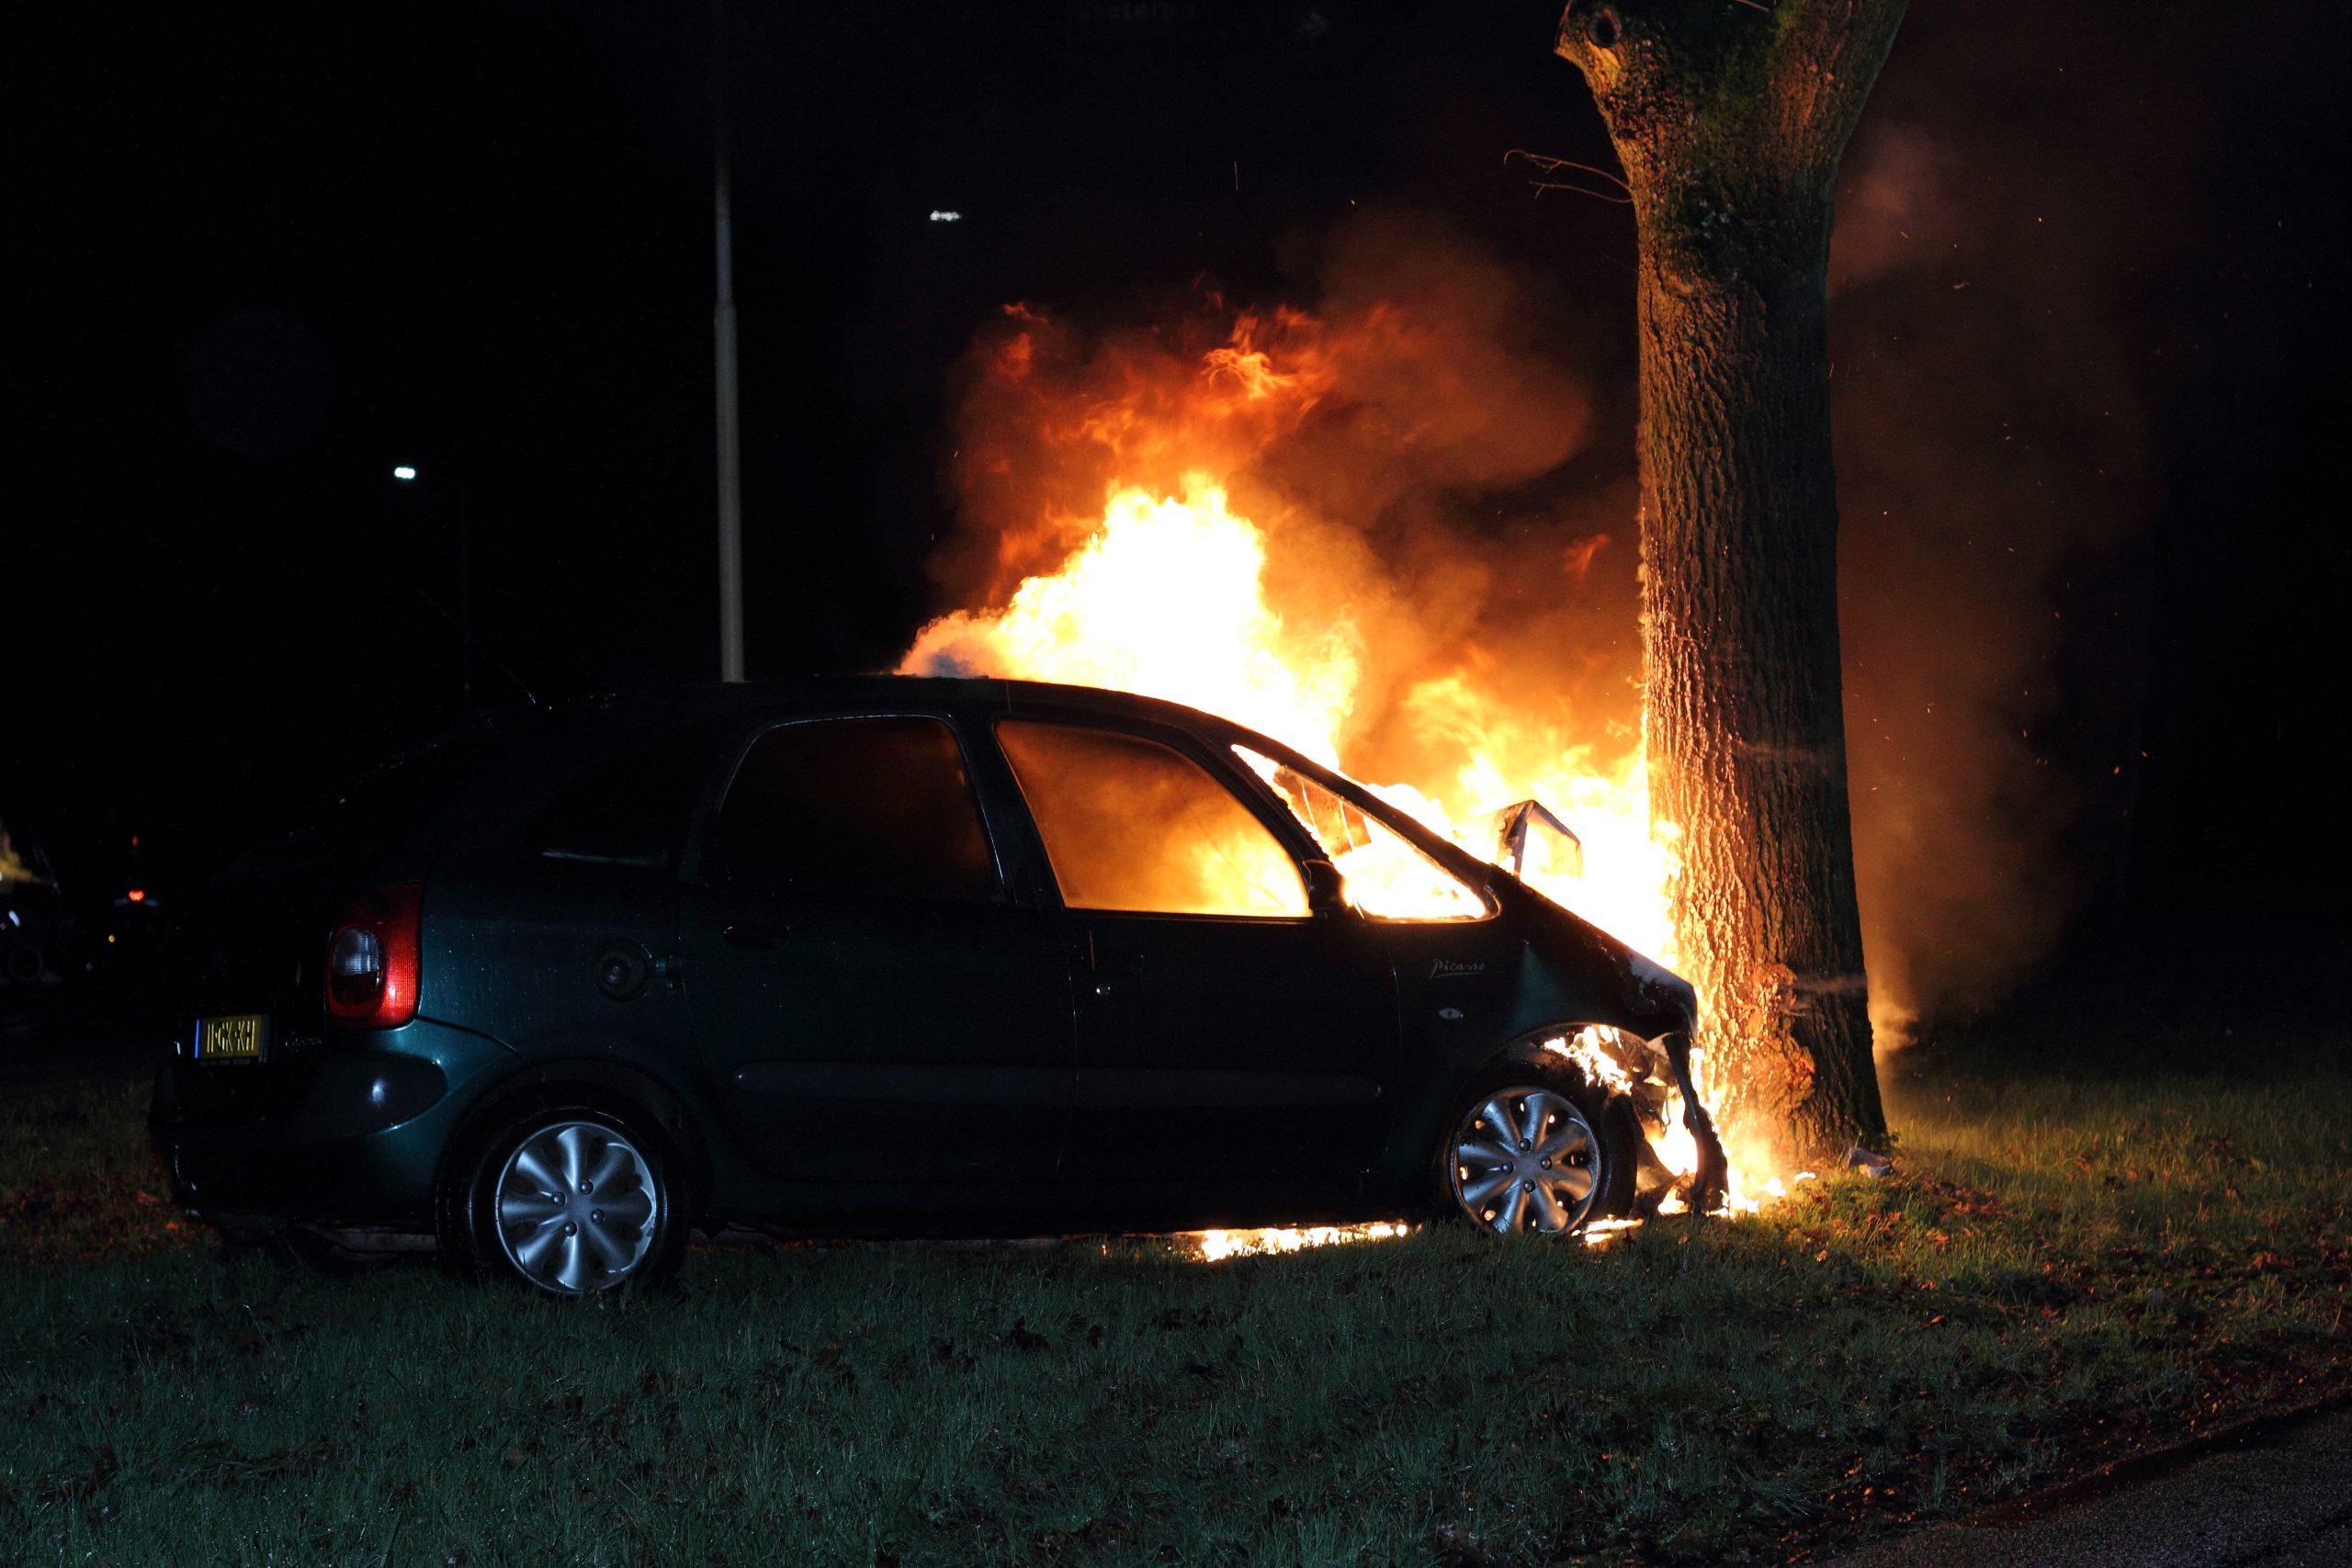 Auto vliegt in brand na eenzijdig ongeval een vrouw en twee kinderen raken gewond